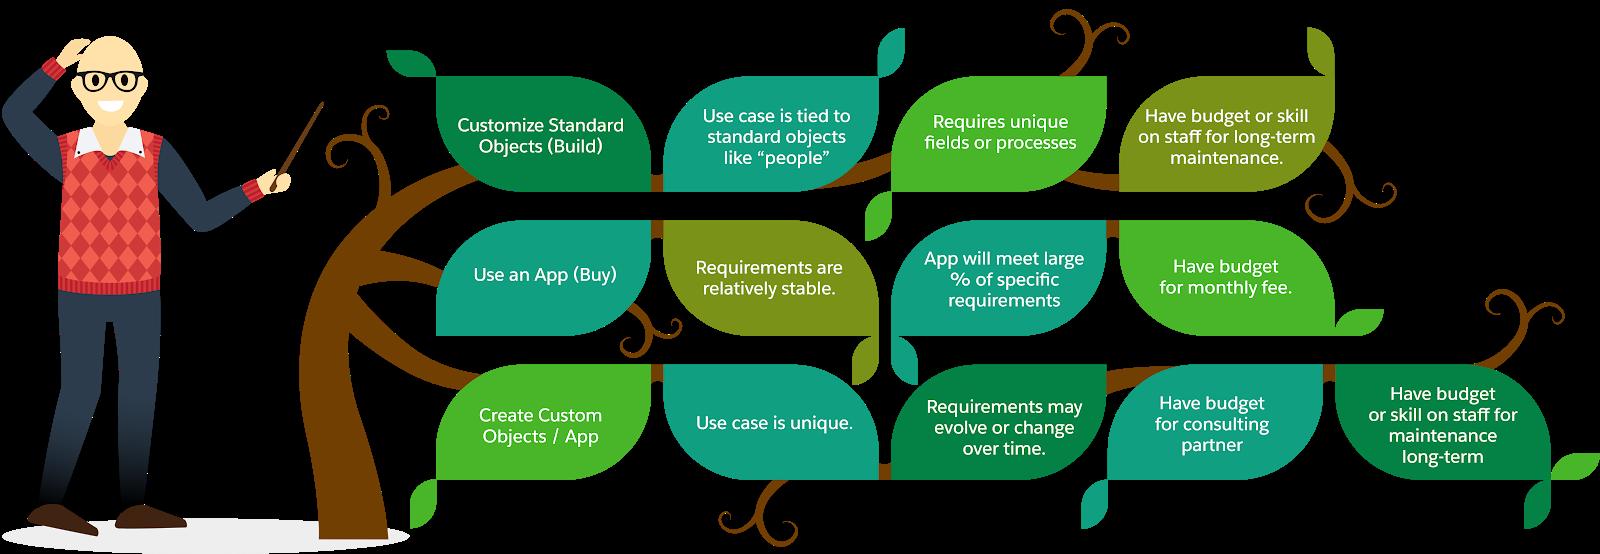 Gorav, der Salesforce-Administrator bei NMH, erstellte einen Entscheidungsbaum, um leichter ermitteln zu können, welche zusätzlichen Ressourcen das Team brauchte.